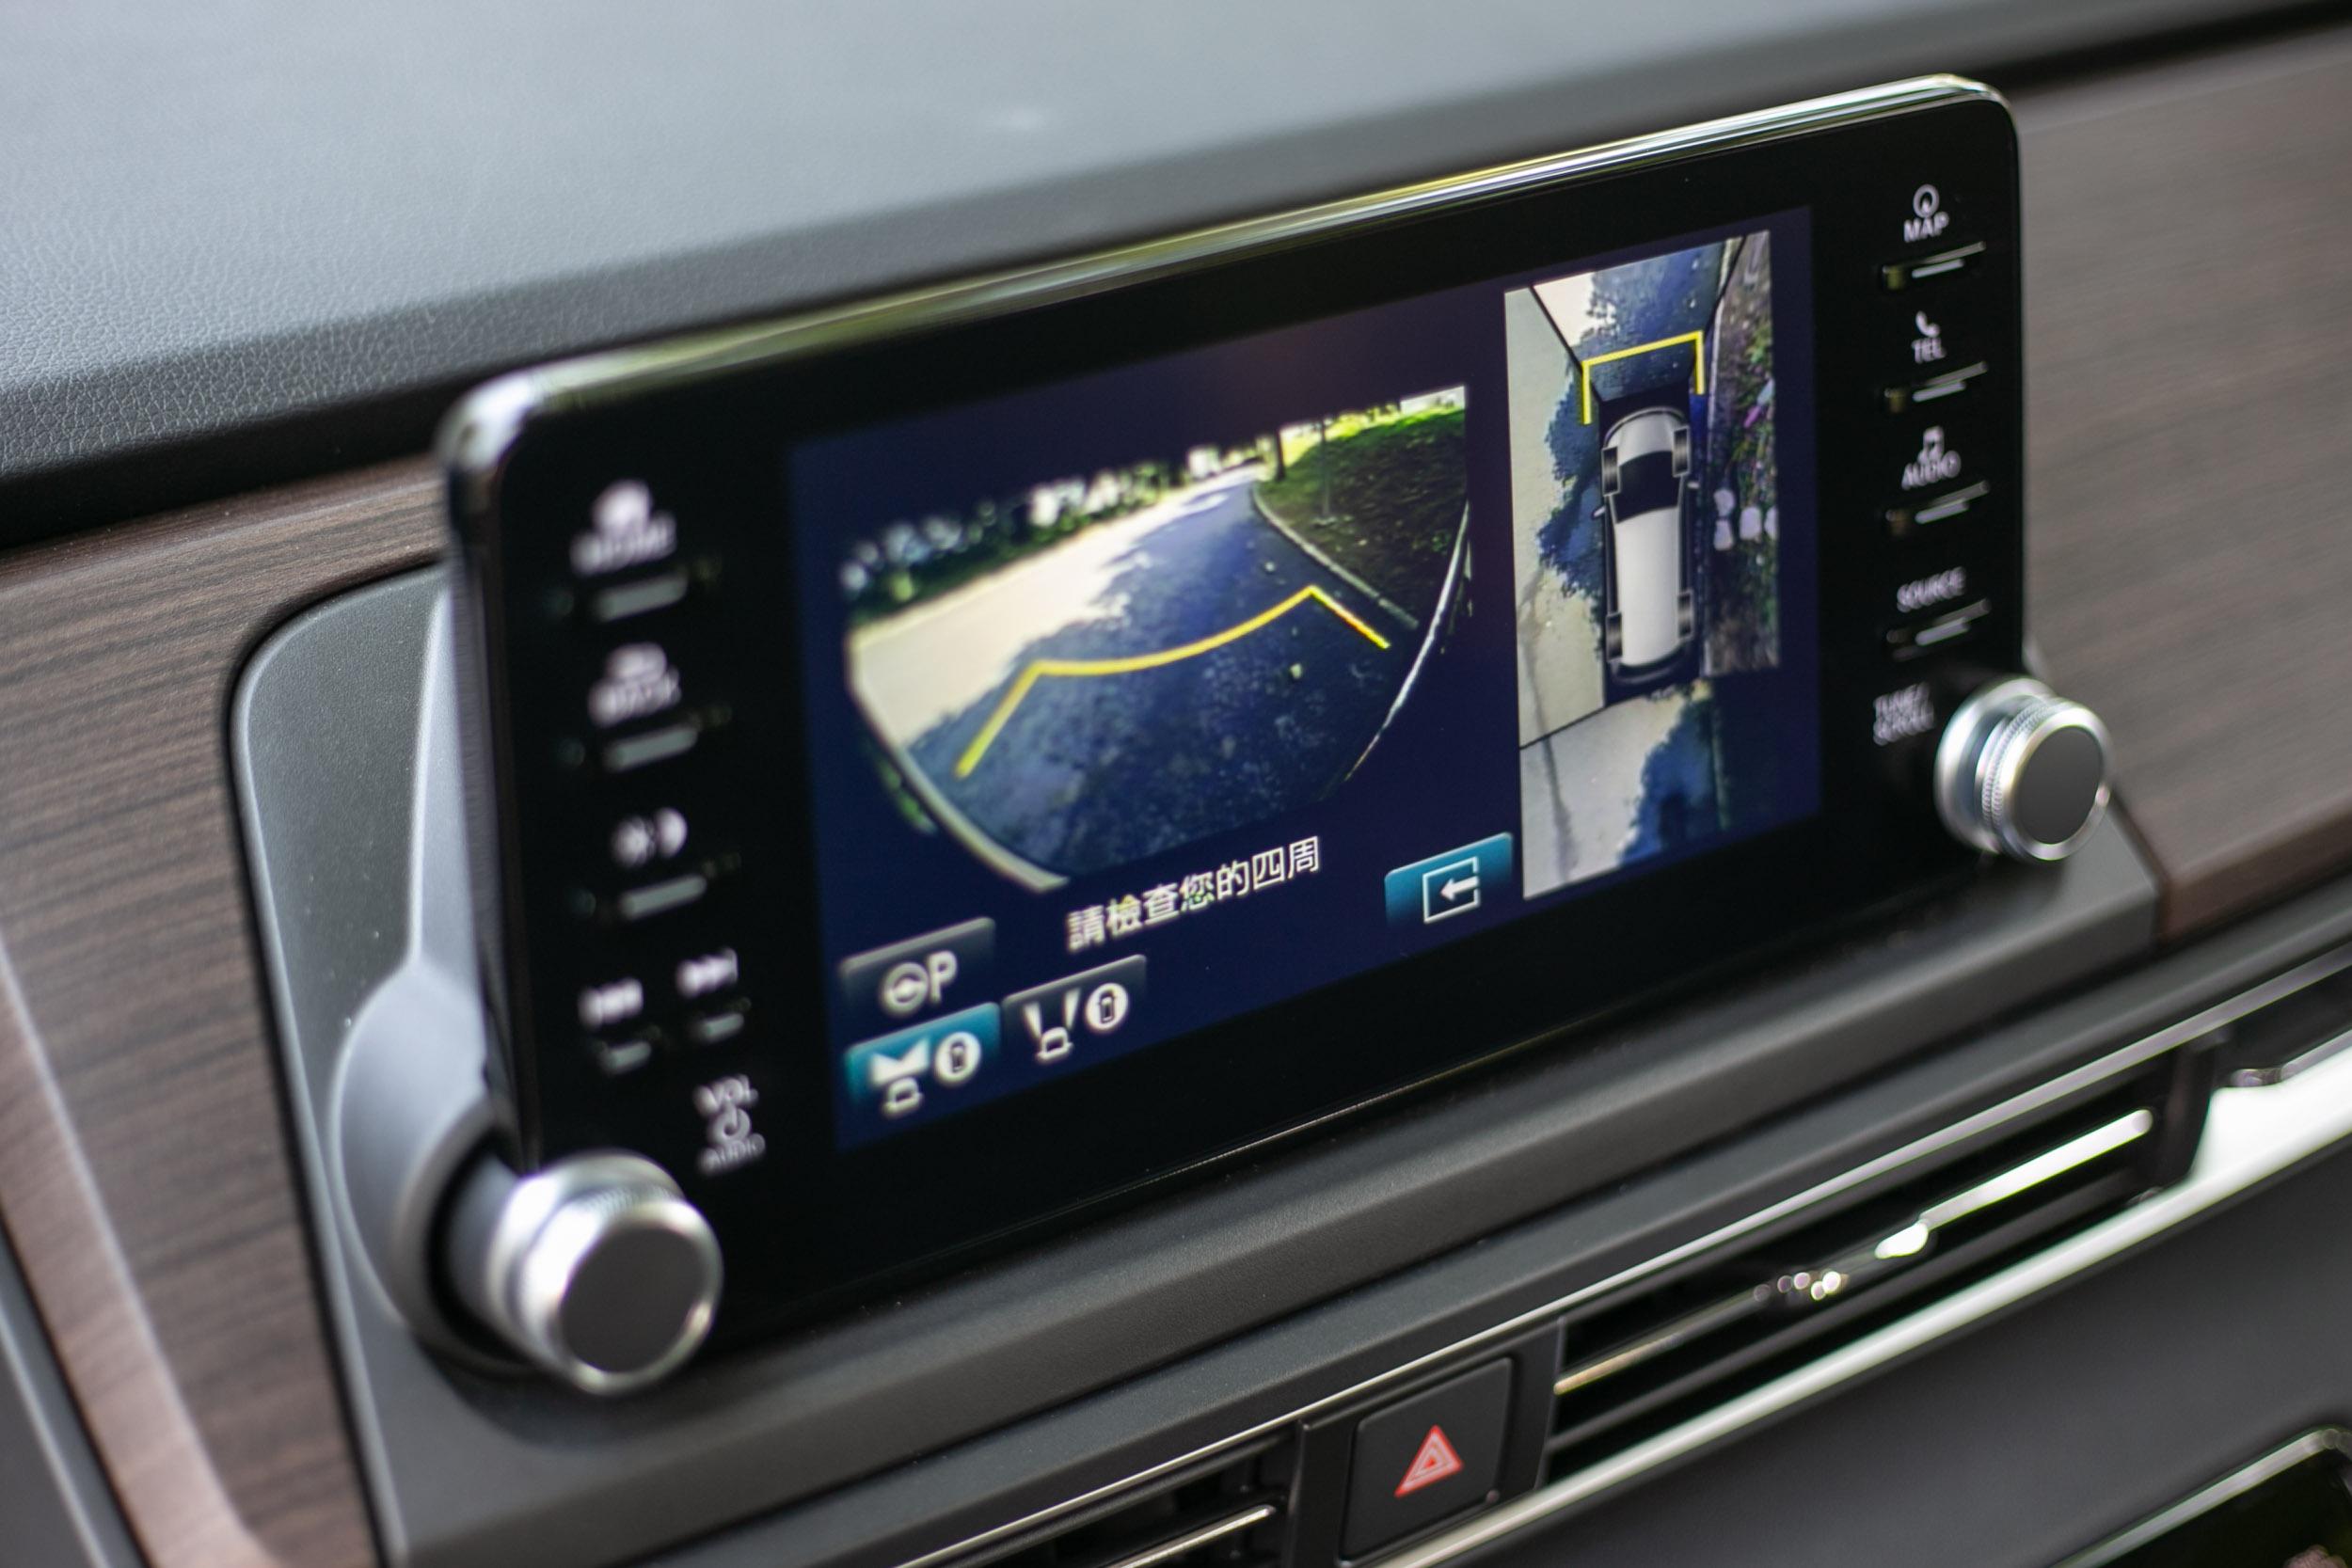 倒車顯影與 360 度環景皆配備,但顯示畫素較為粗糙。